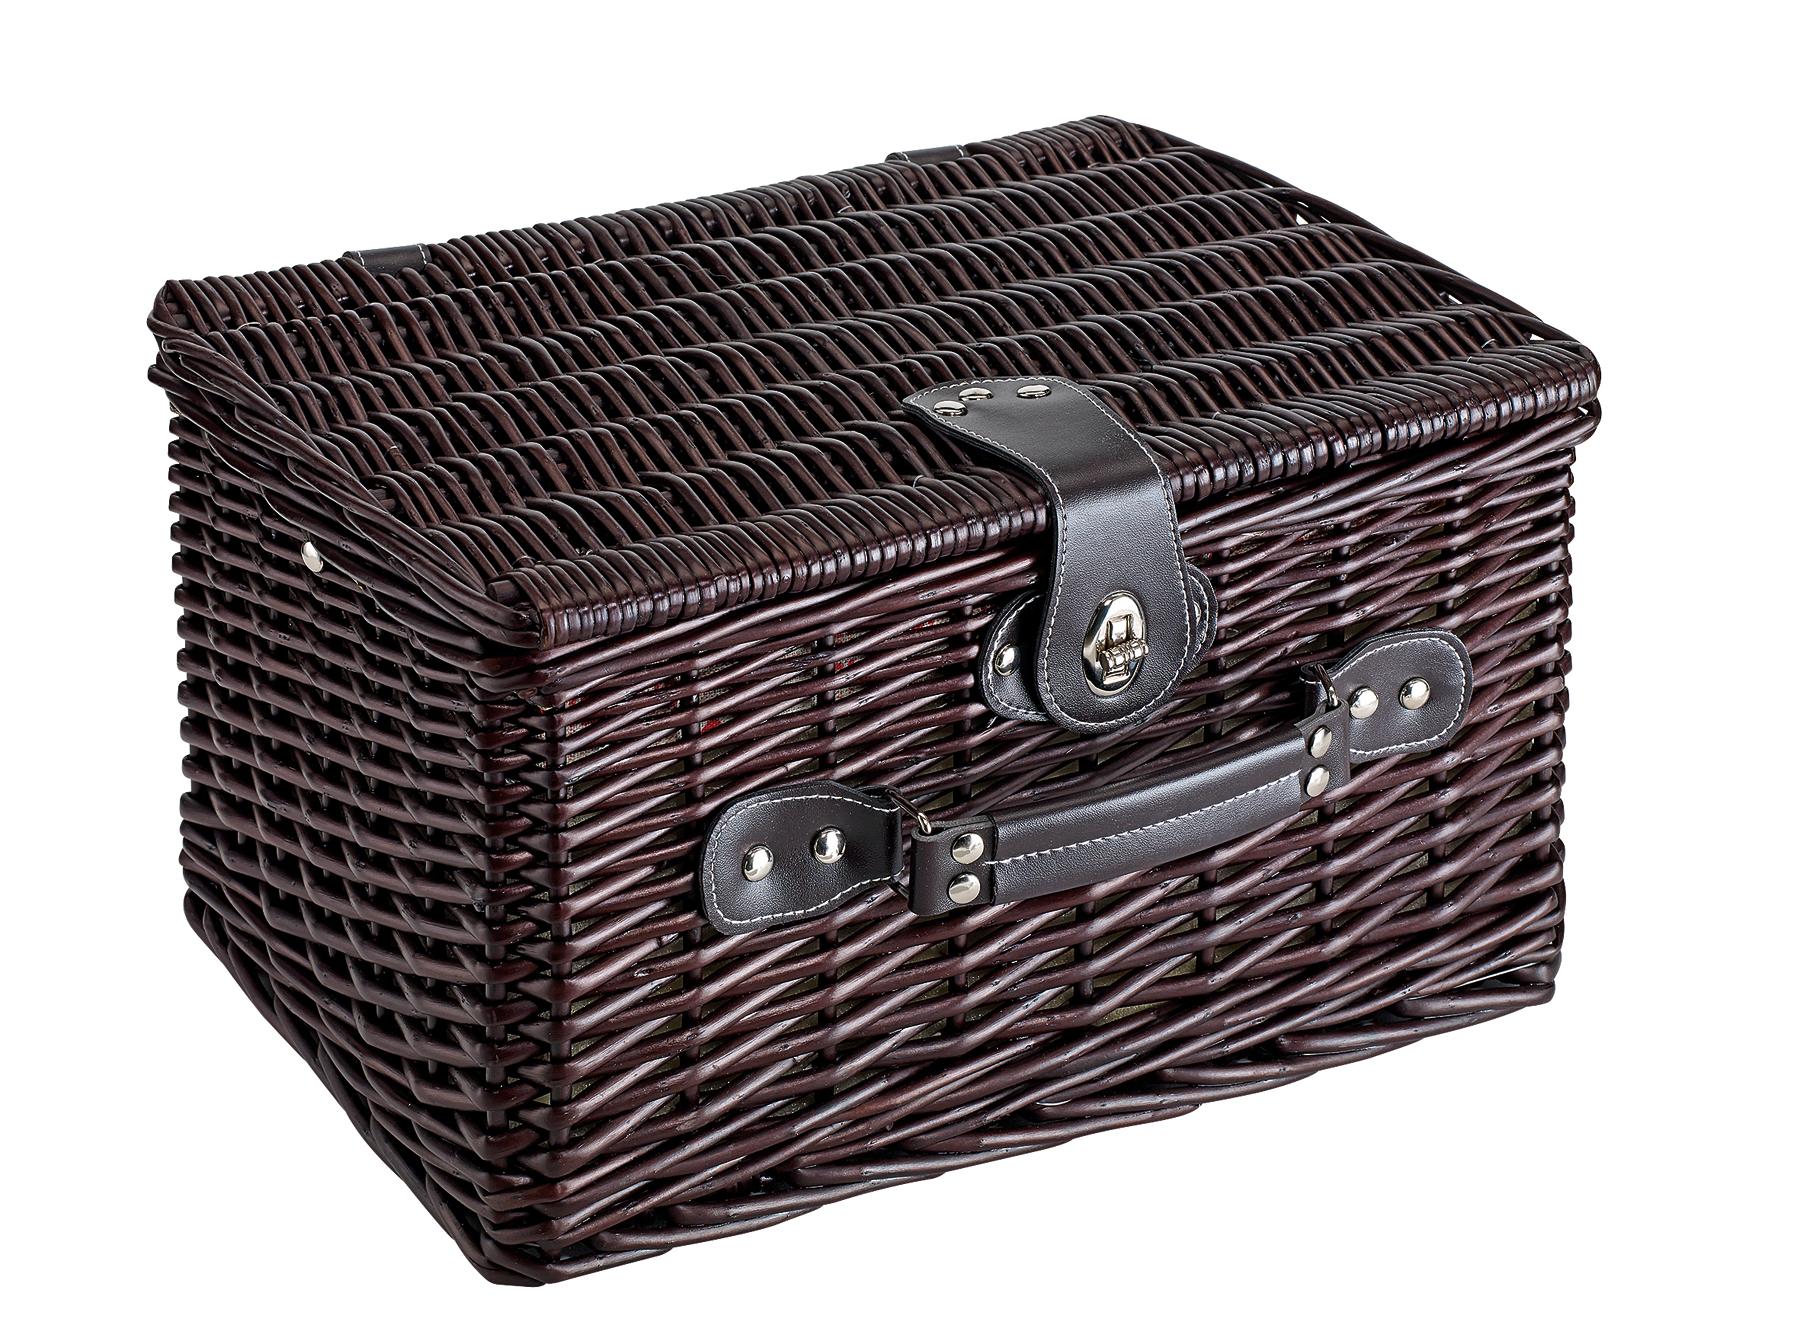 Kosz piknikowy SUNSET PARK, ciemnobrązowy